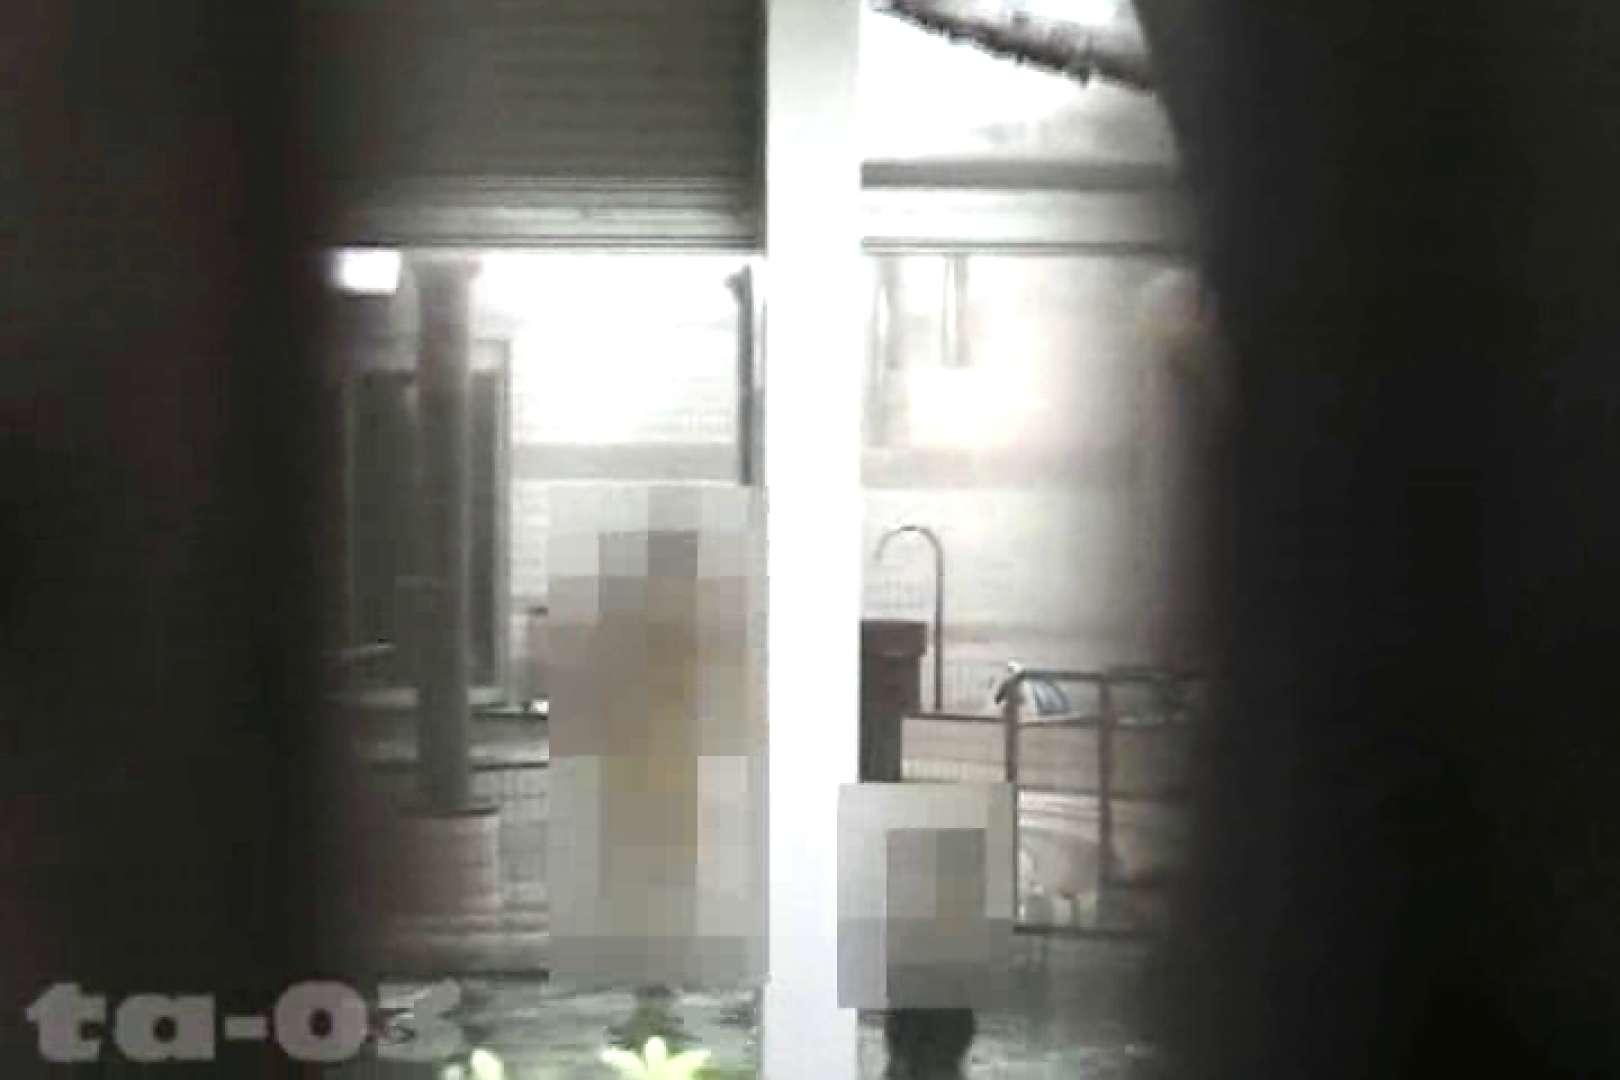 合宿ホテル女風呂盗撮高画質版 Vol.03 ホテル  71pic 42